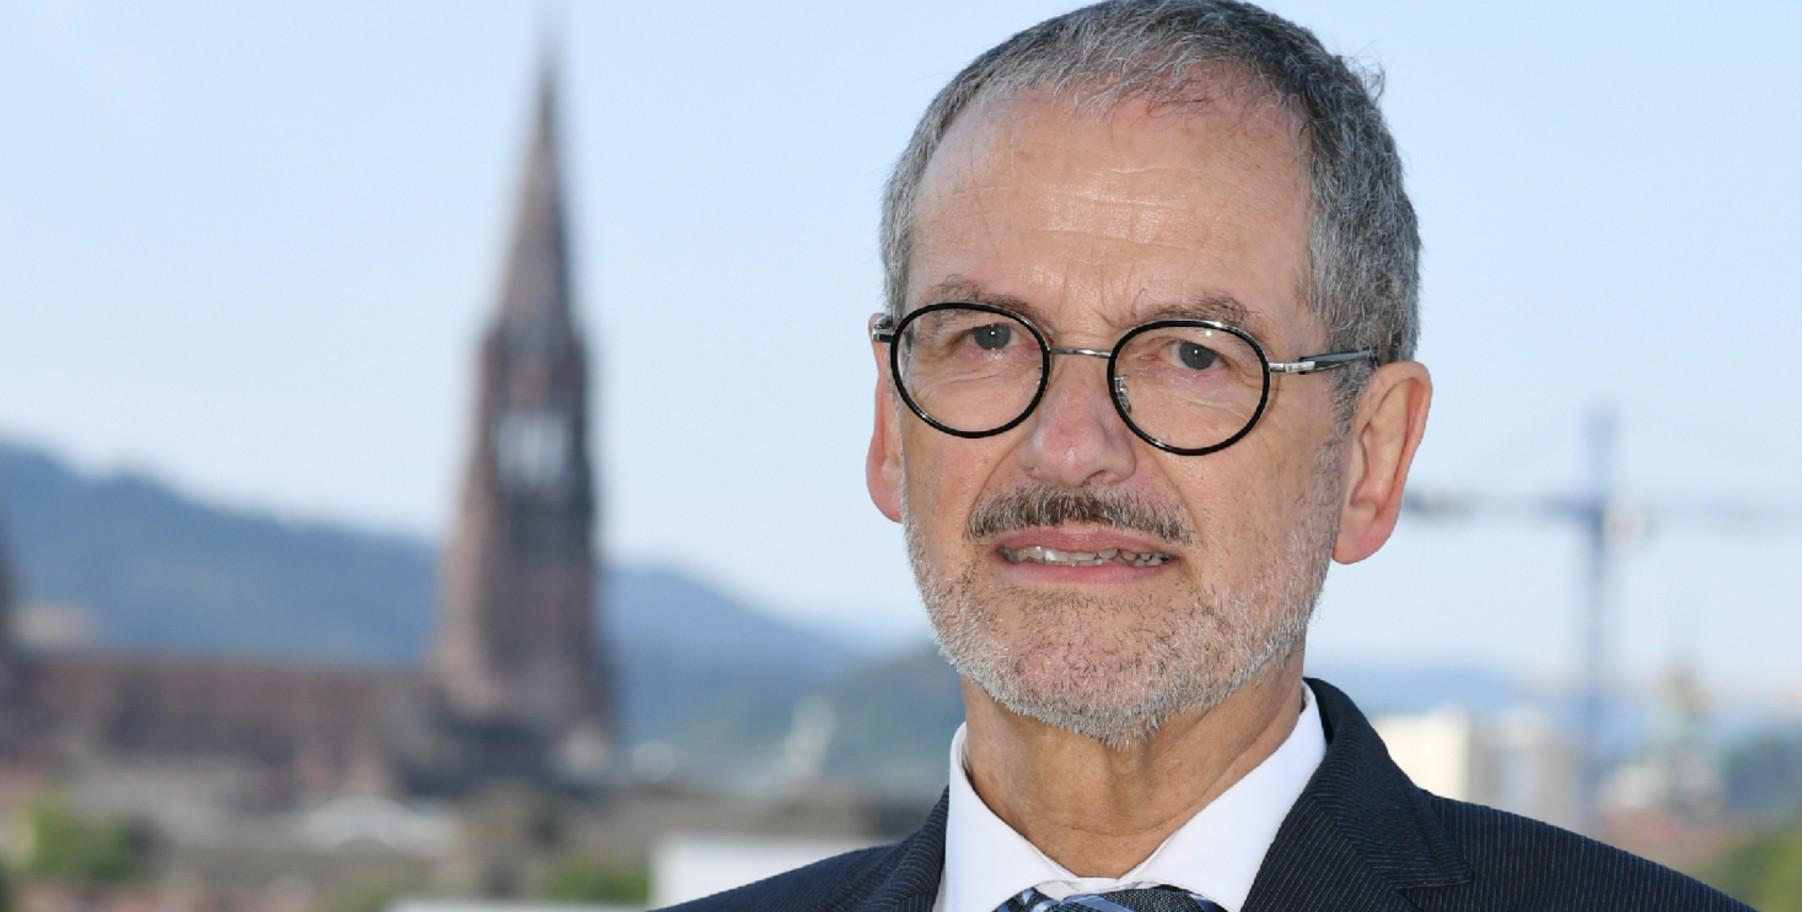 Am 13. Oktober wird über seine Nachfolge entschieden: Caritas-Präsident Peter Neher (Foto: PA/DPA/Patrick Seeger)